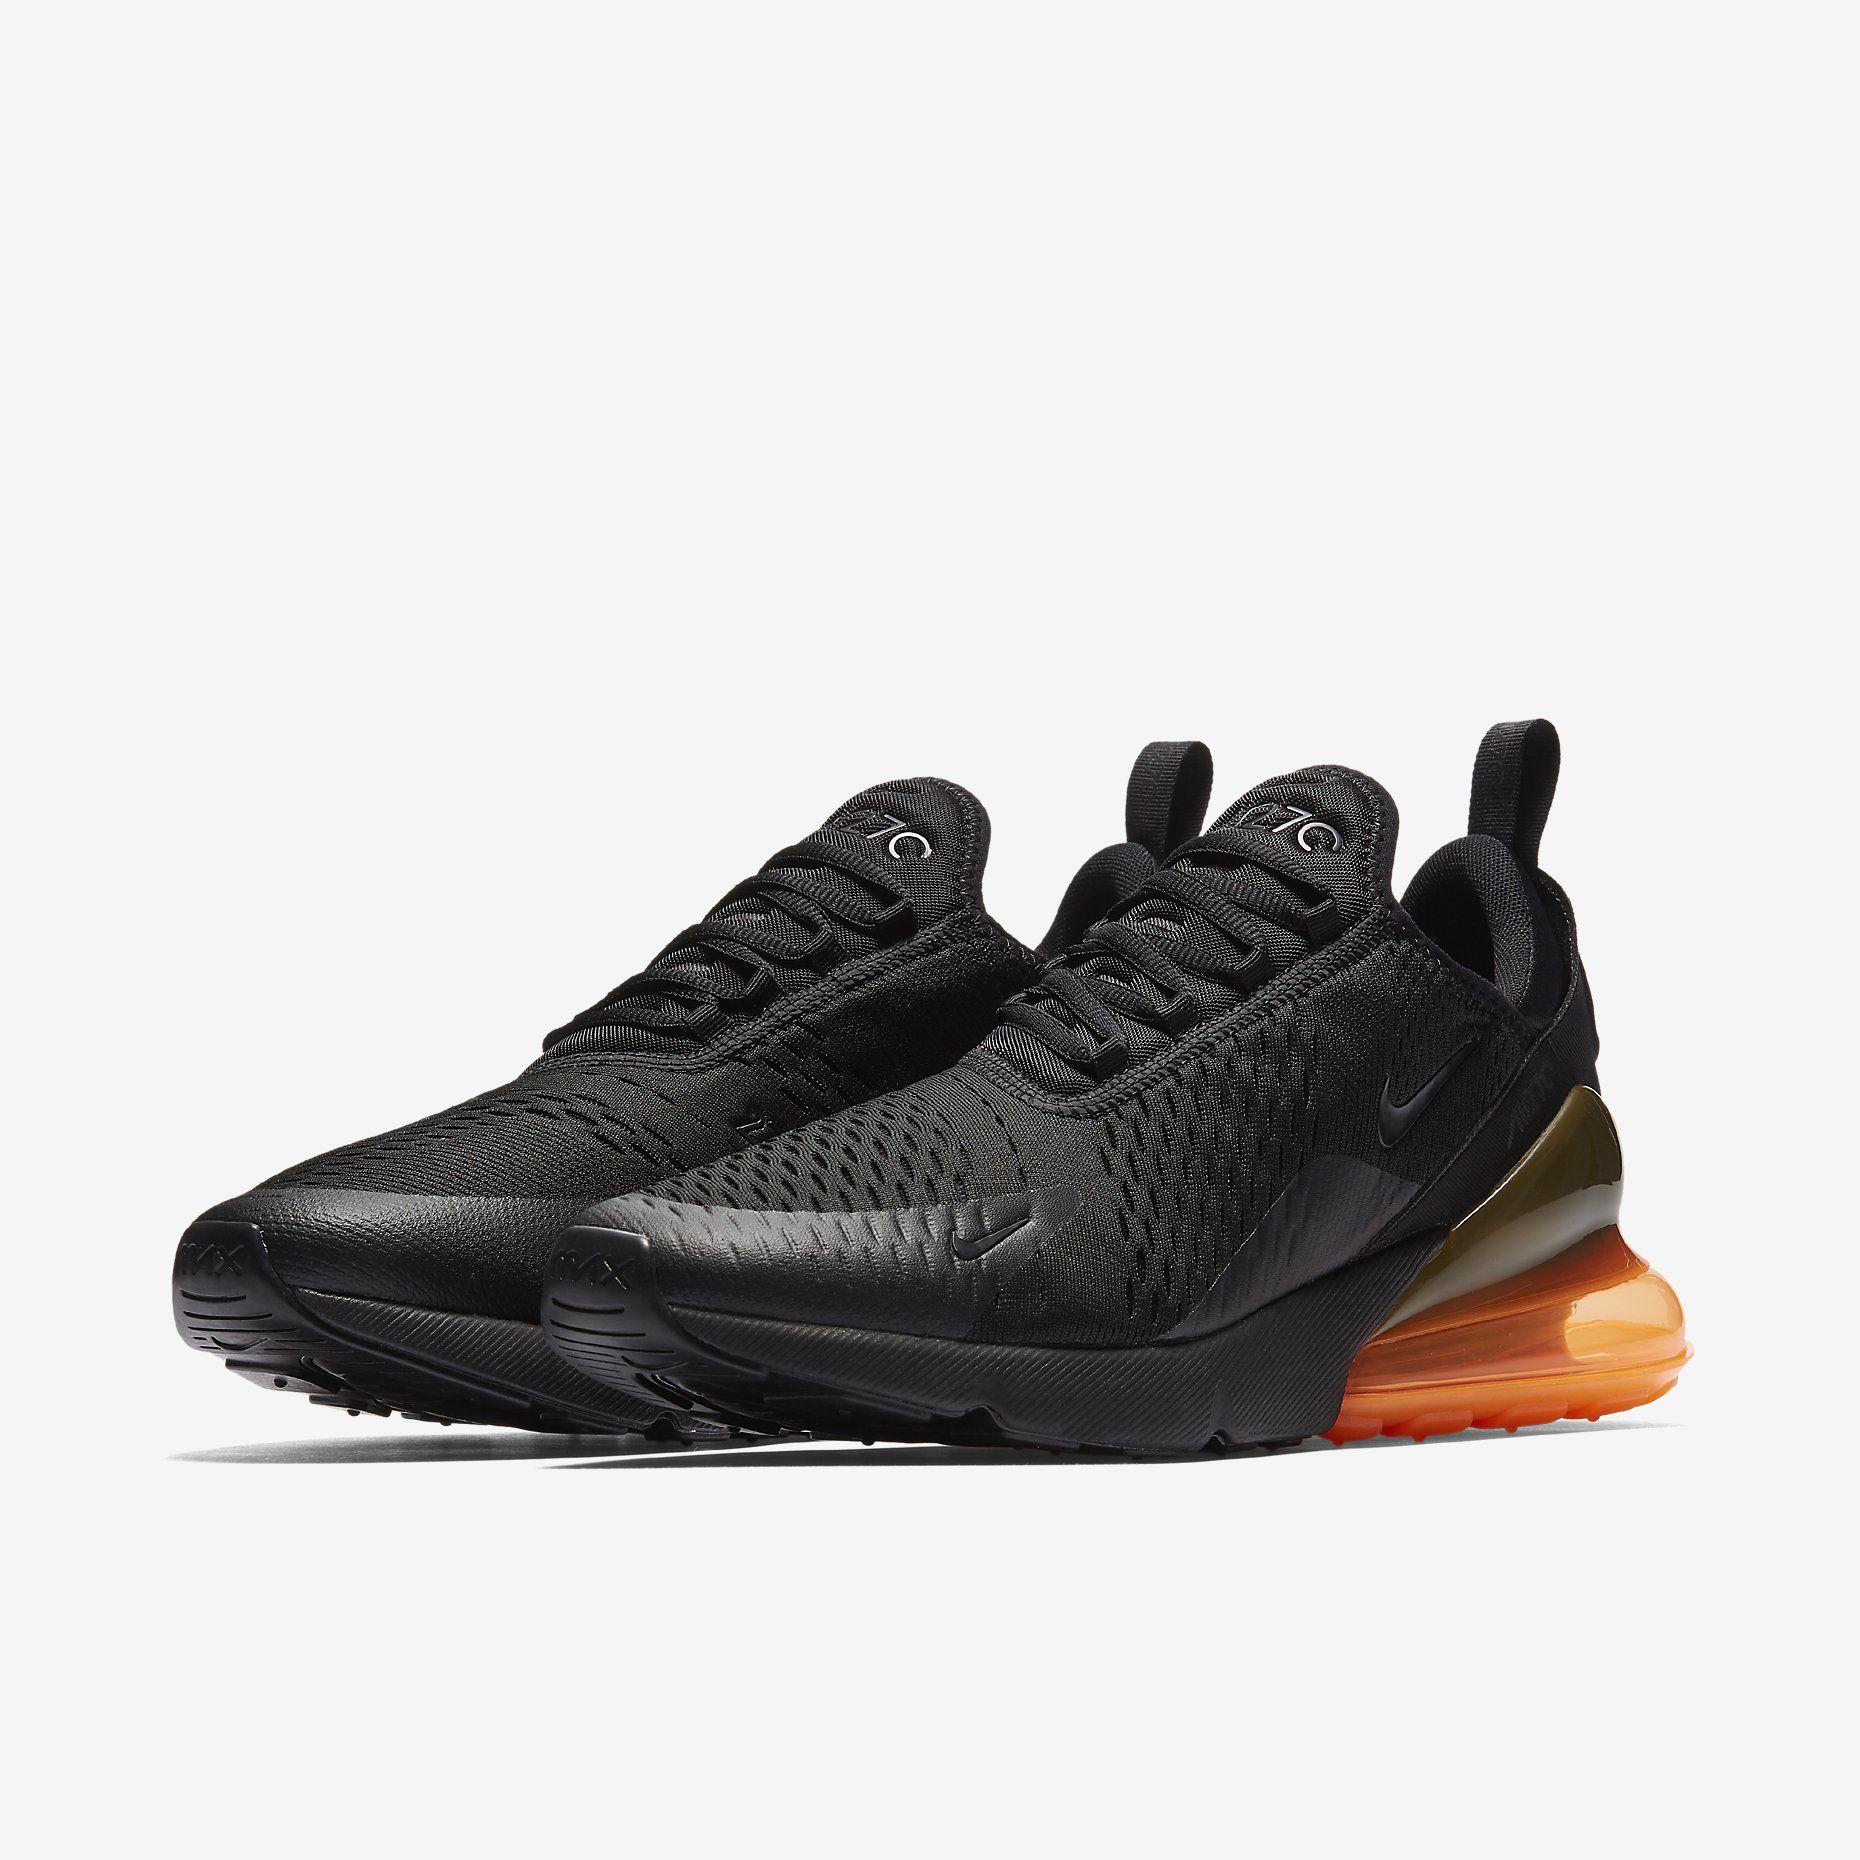 nouveau produit ca5b9 8383d Nike Air Max 270 Black QS - Sneakers.fr